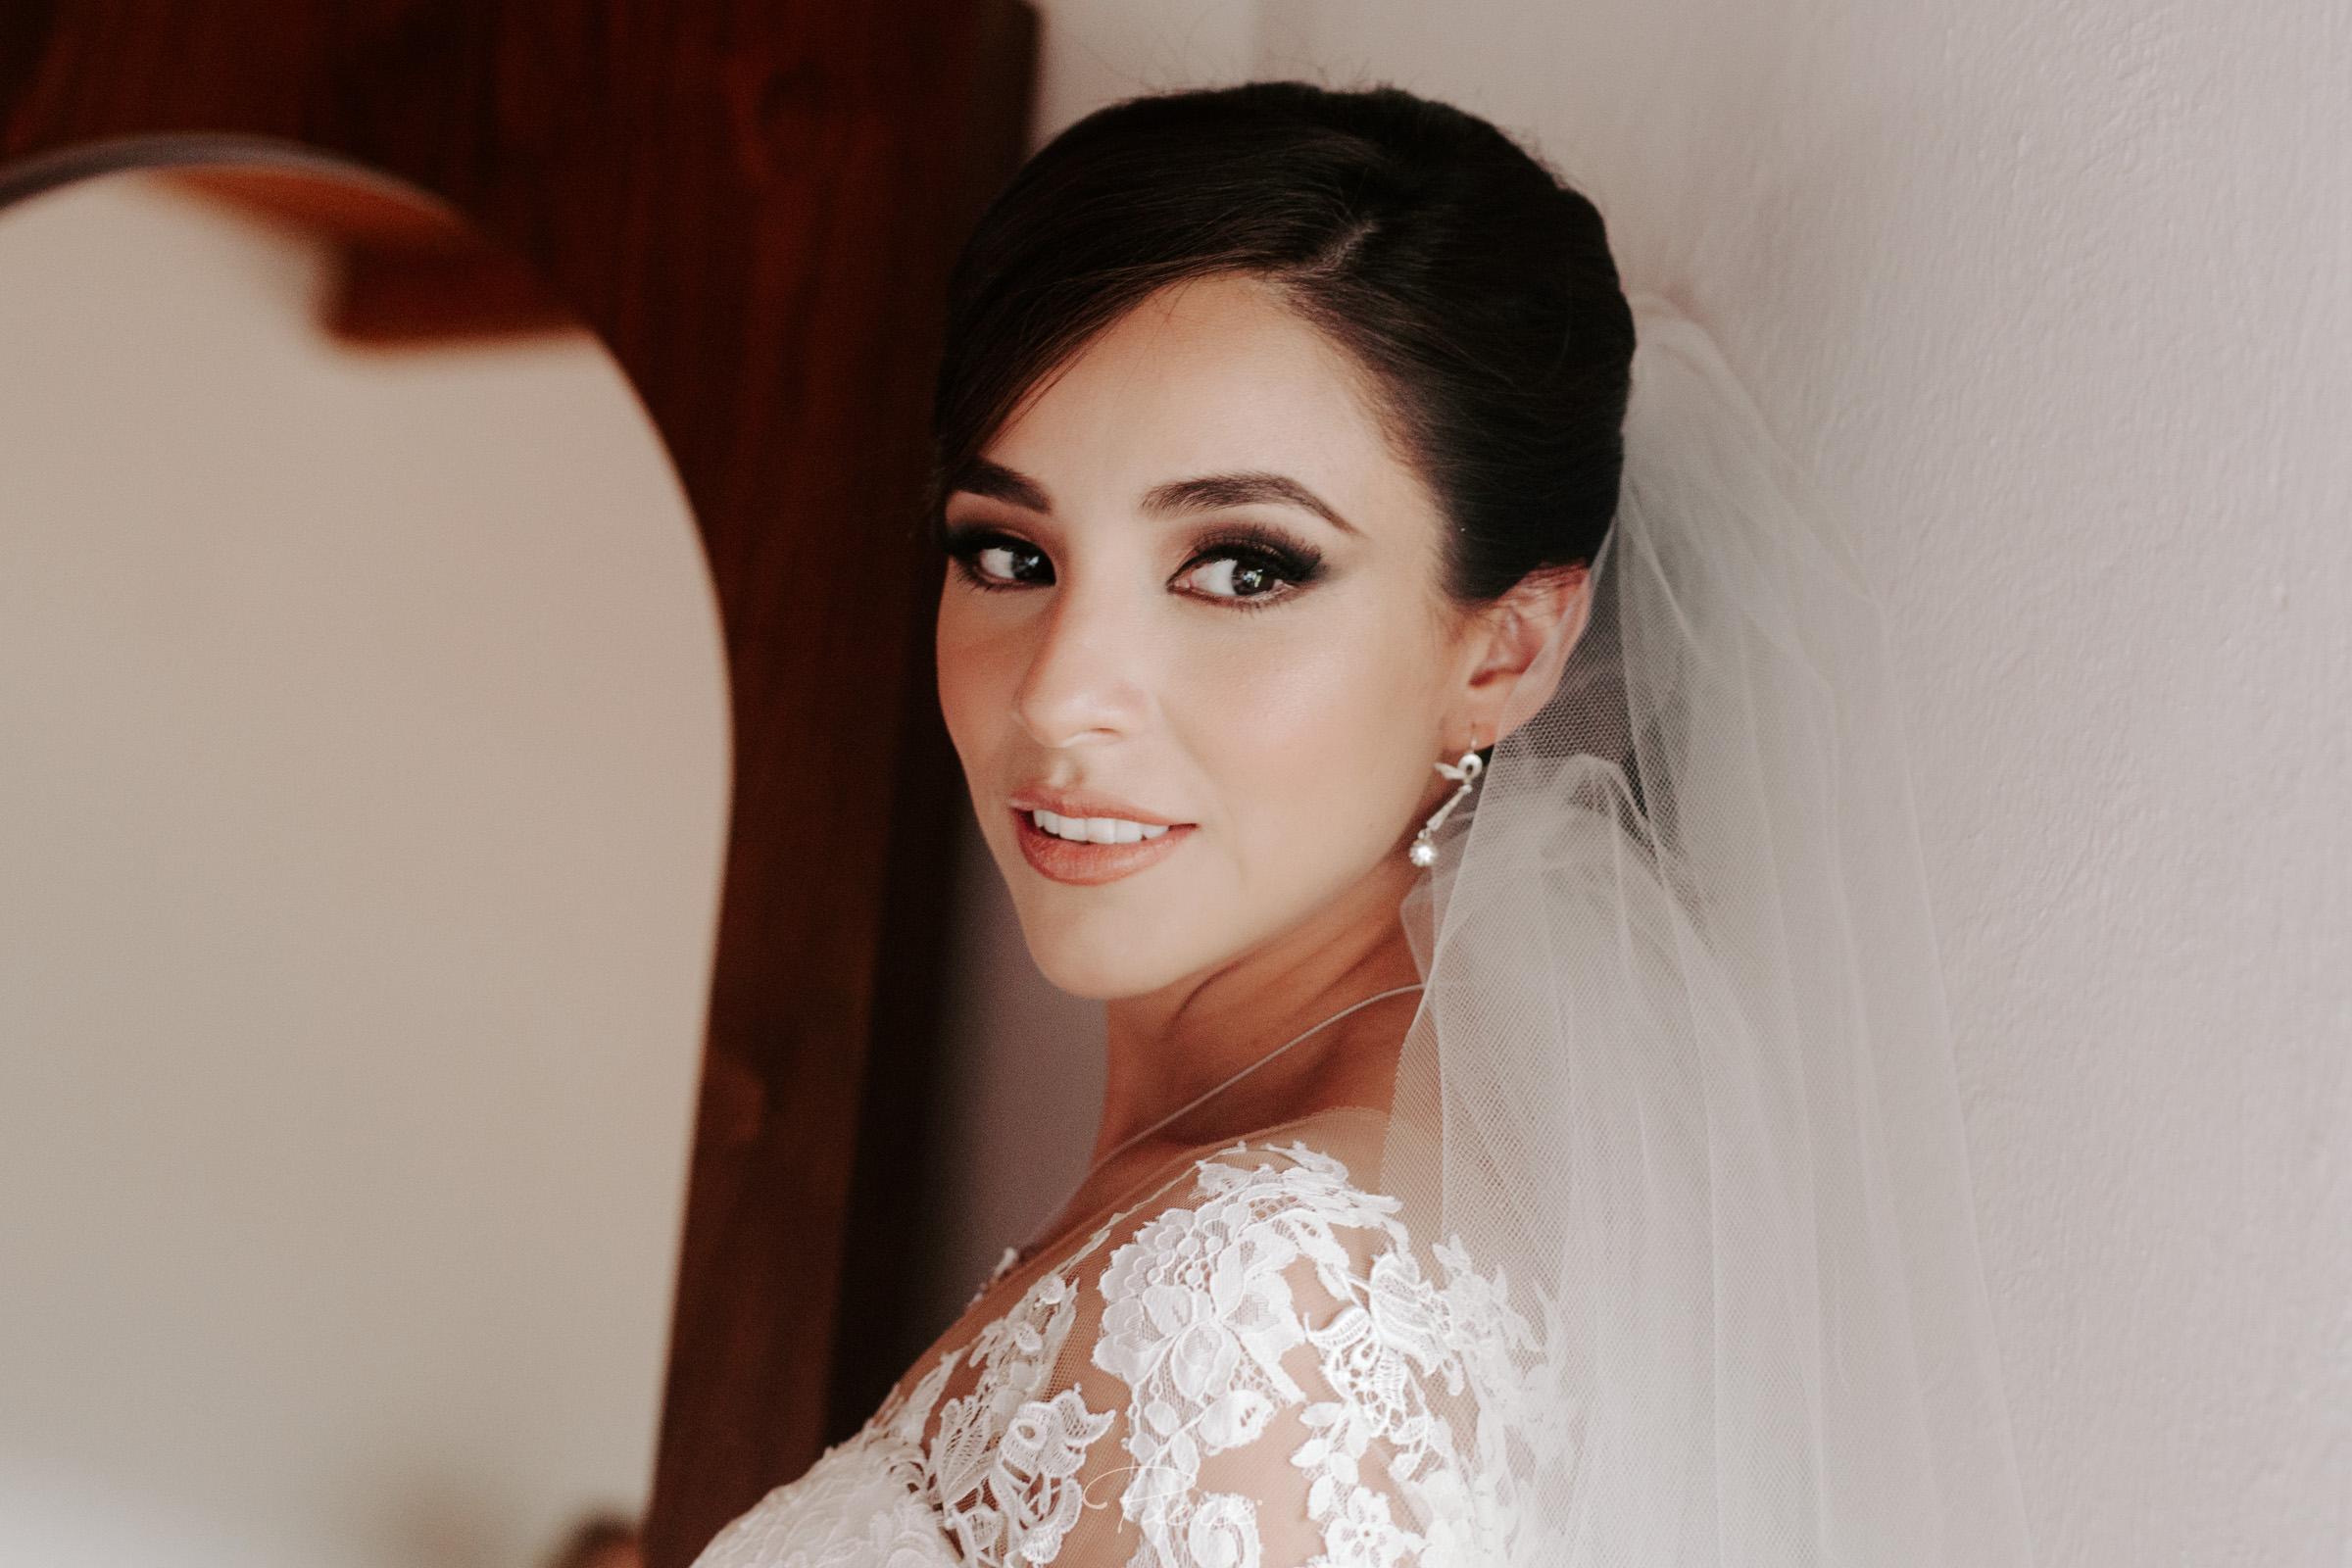 fotografia-de-boda-valle-de-bravo-mexico-rosmarino-pierce-weddings-0024.JPG